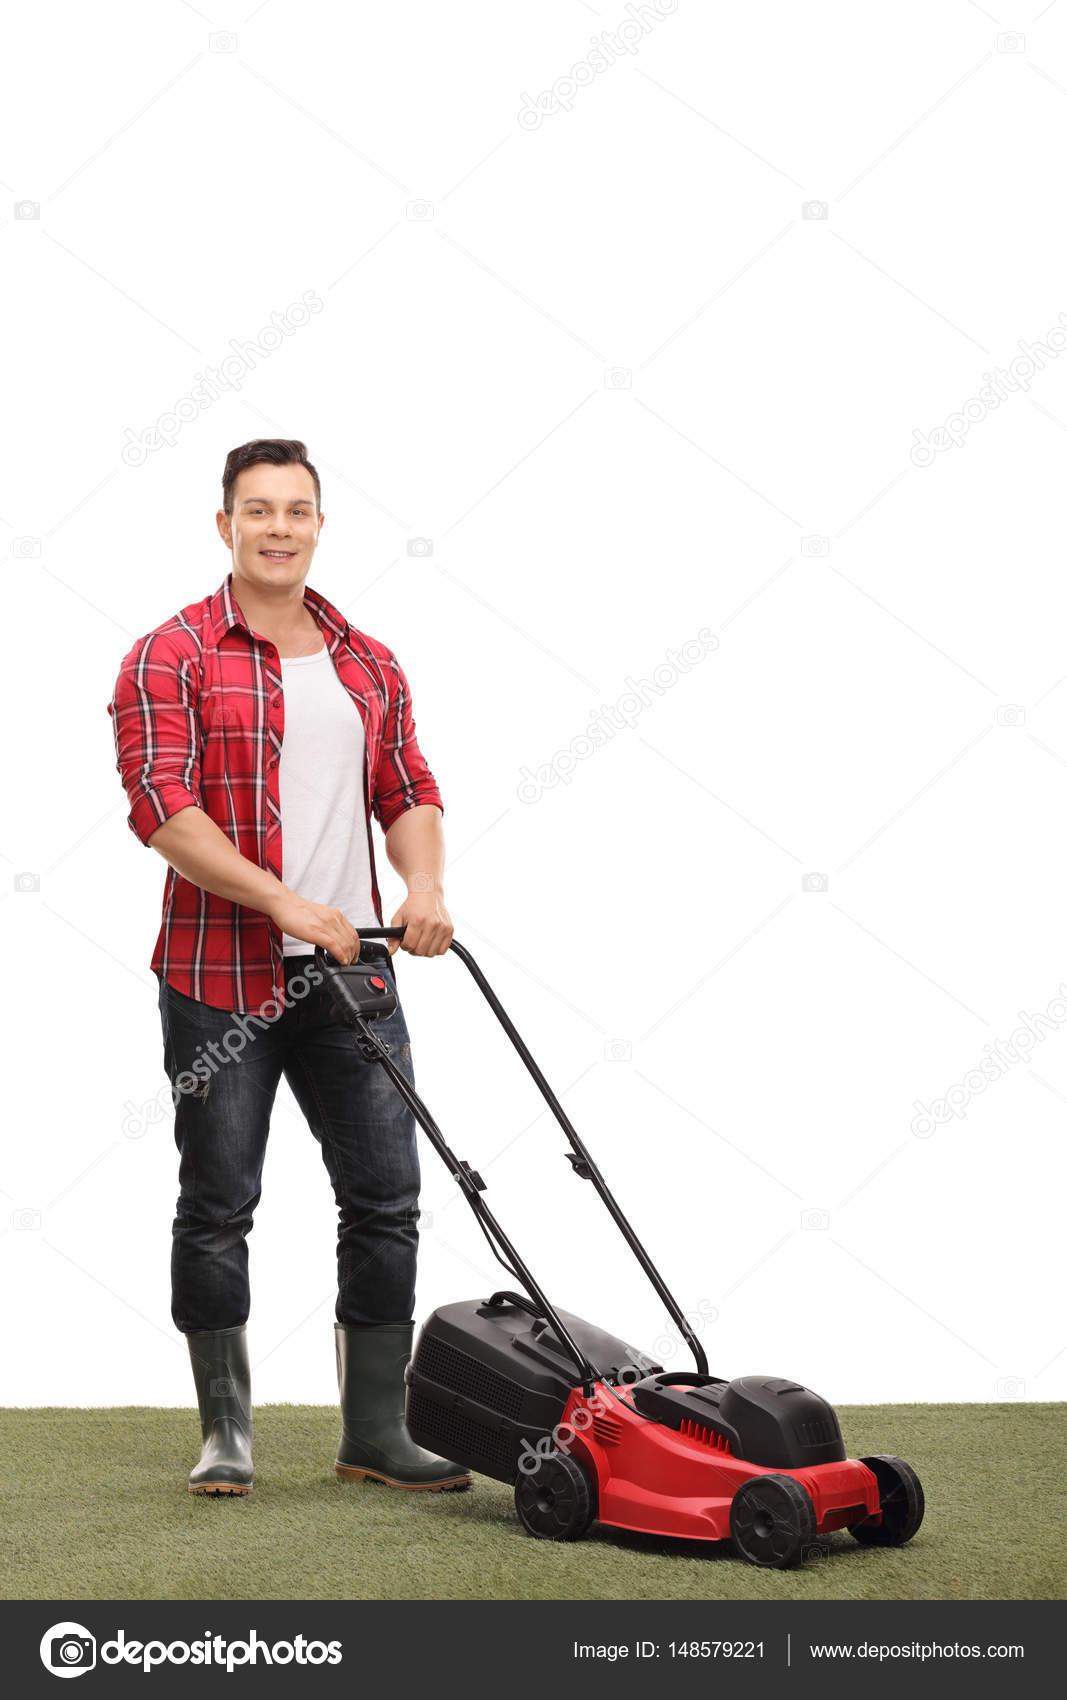 jeune jardinier avec une tondeuse gazon photographie ljsphotography 148579221. Black Bedroom Furniture Sets. Home Design Ideas